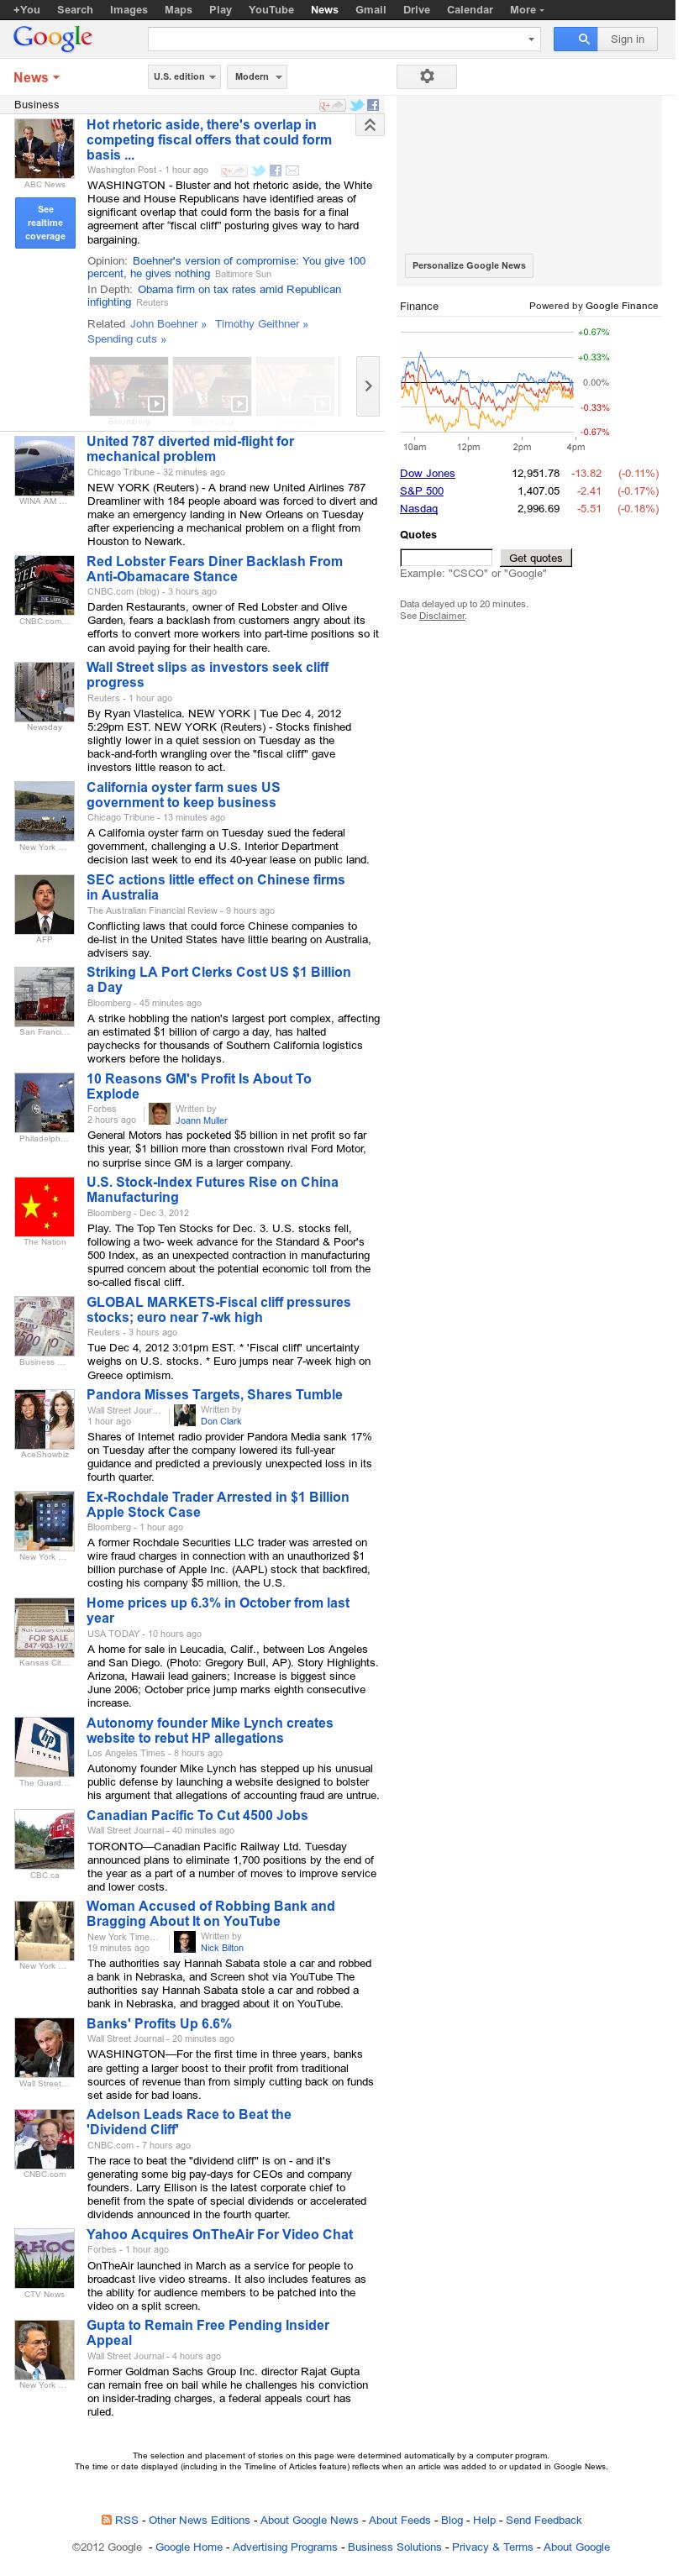 Google News: Business at Wednesday Dec. 5, 2012, 12:10 a.m. UTC